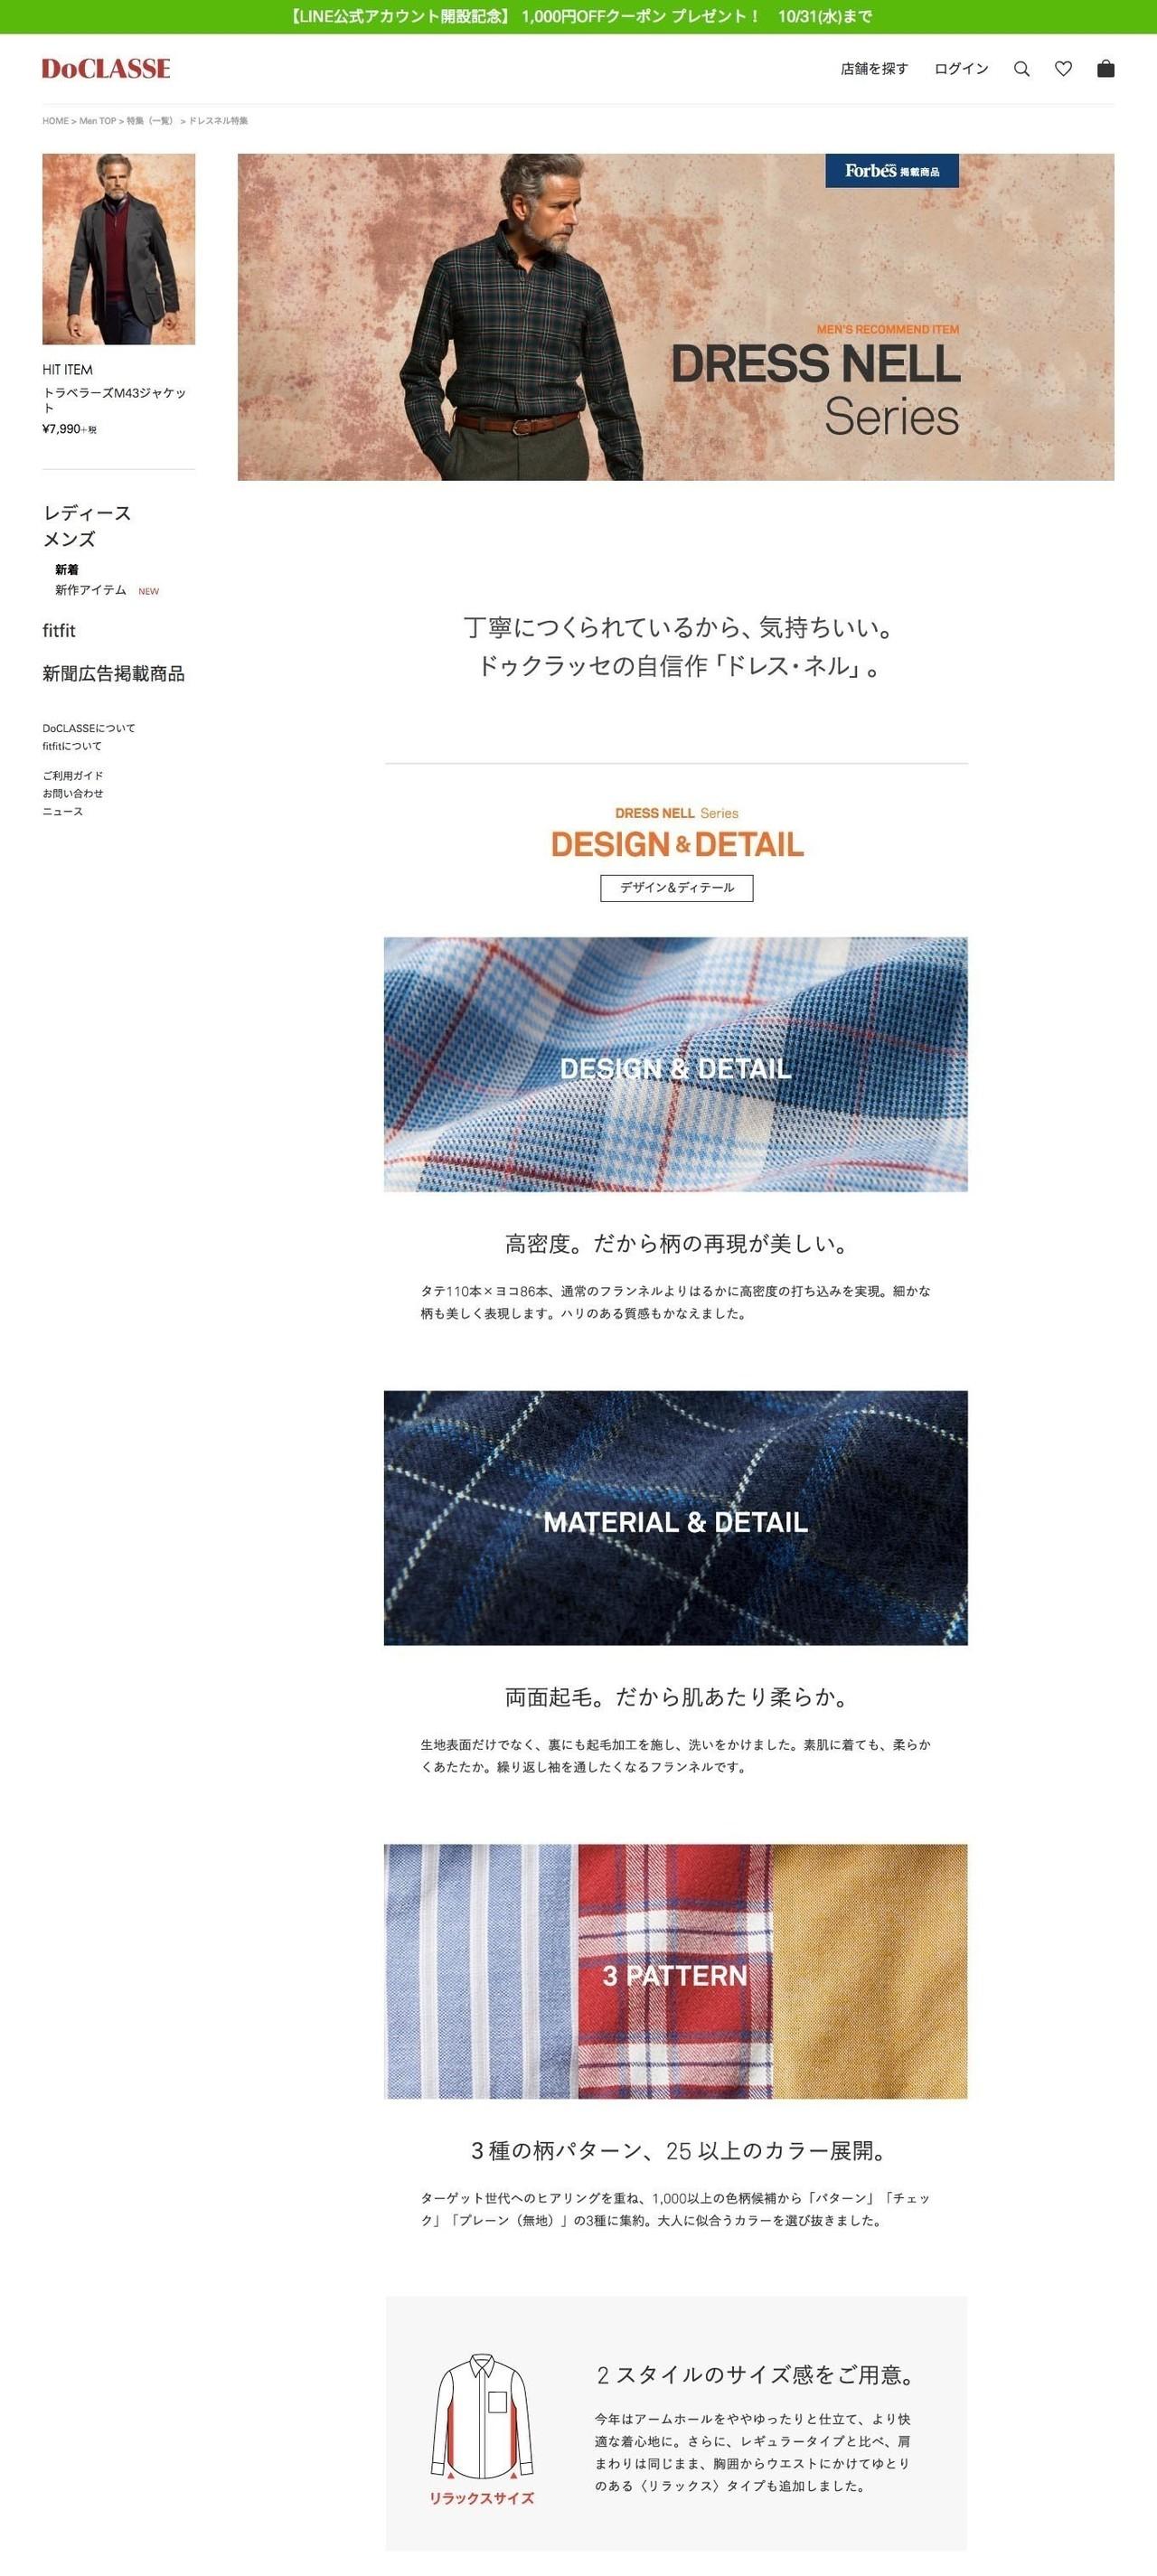 15aef428b4d09 DoCLASSE オンラインショップドレスネル特集,DoCLASSEwww.doclasse.com